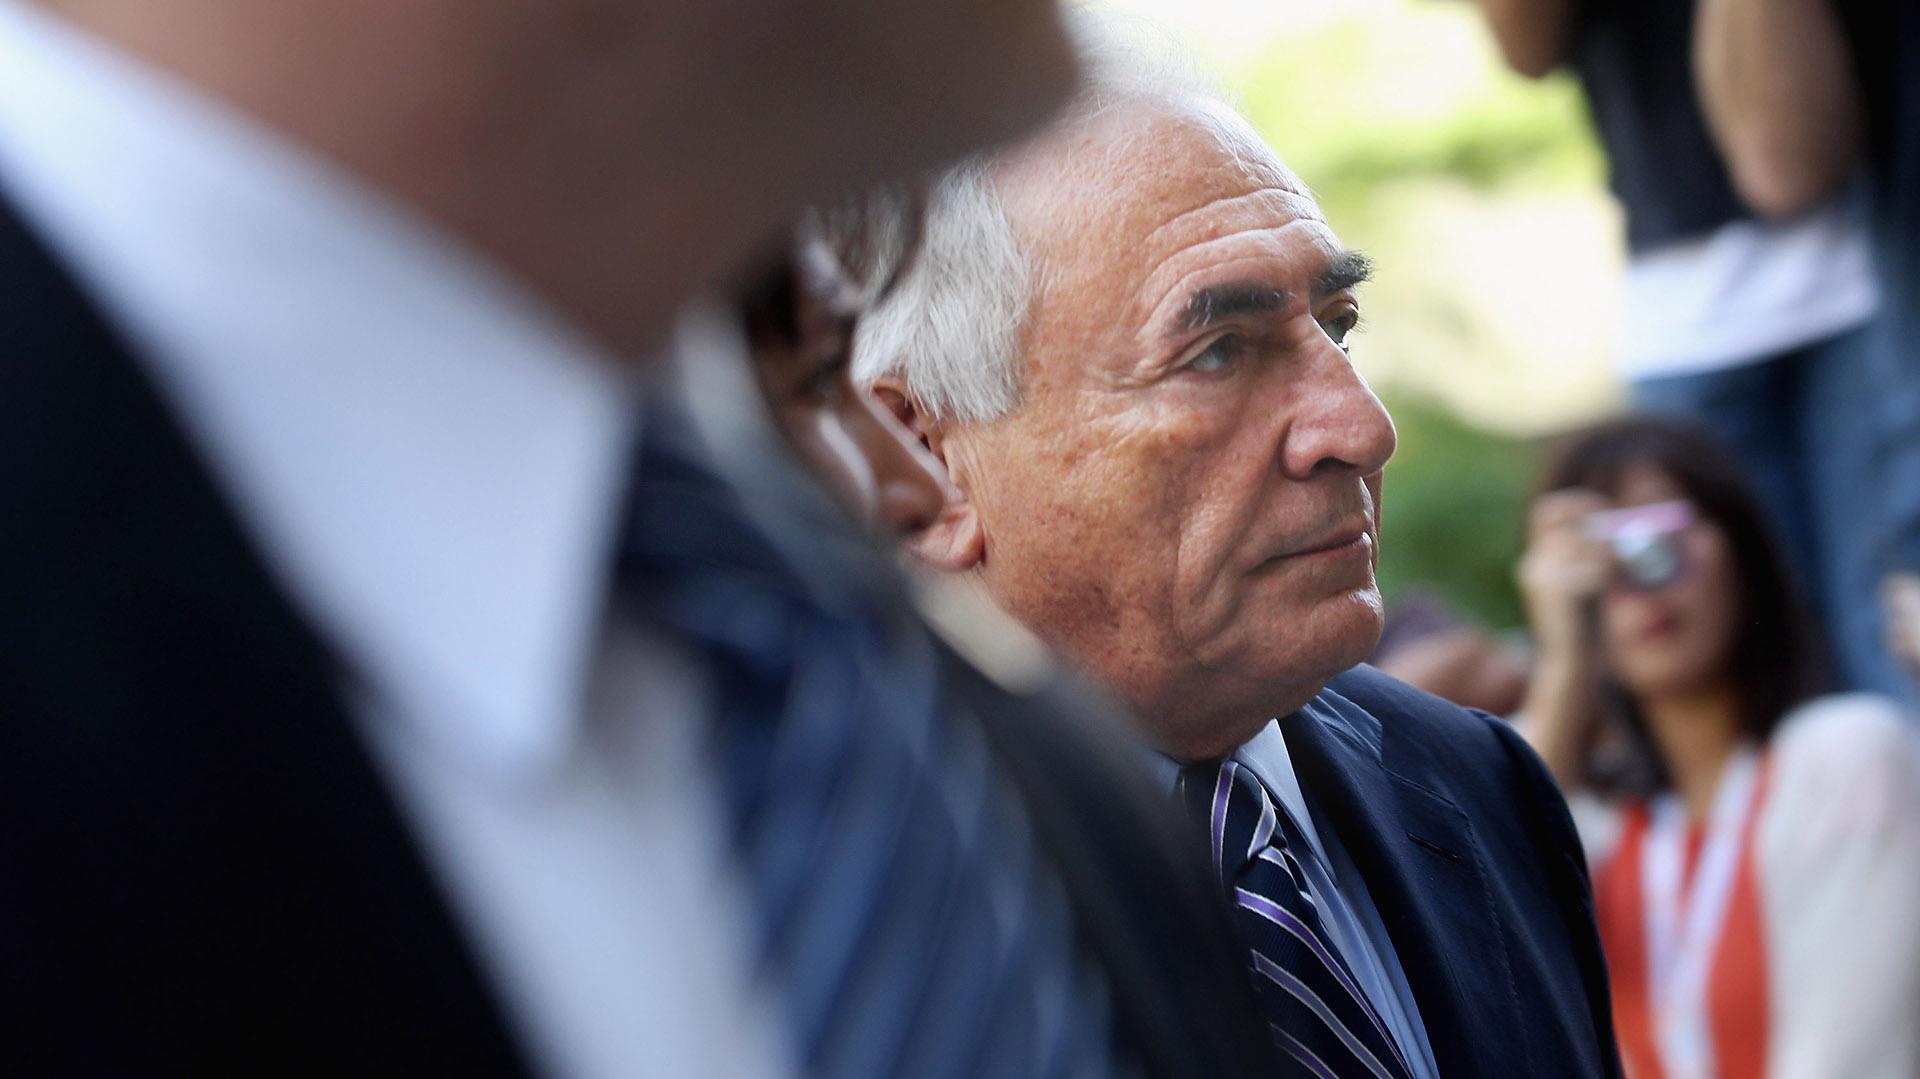 El ex director del FMI, el francés Dominique Strauss-Kahn, en Nueva York, en 2011 (Photo by Mario Tama/Getty Images)